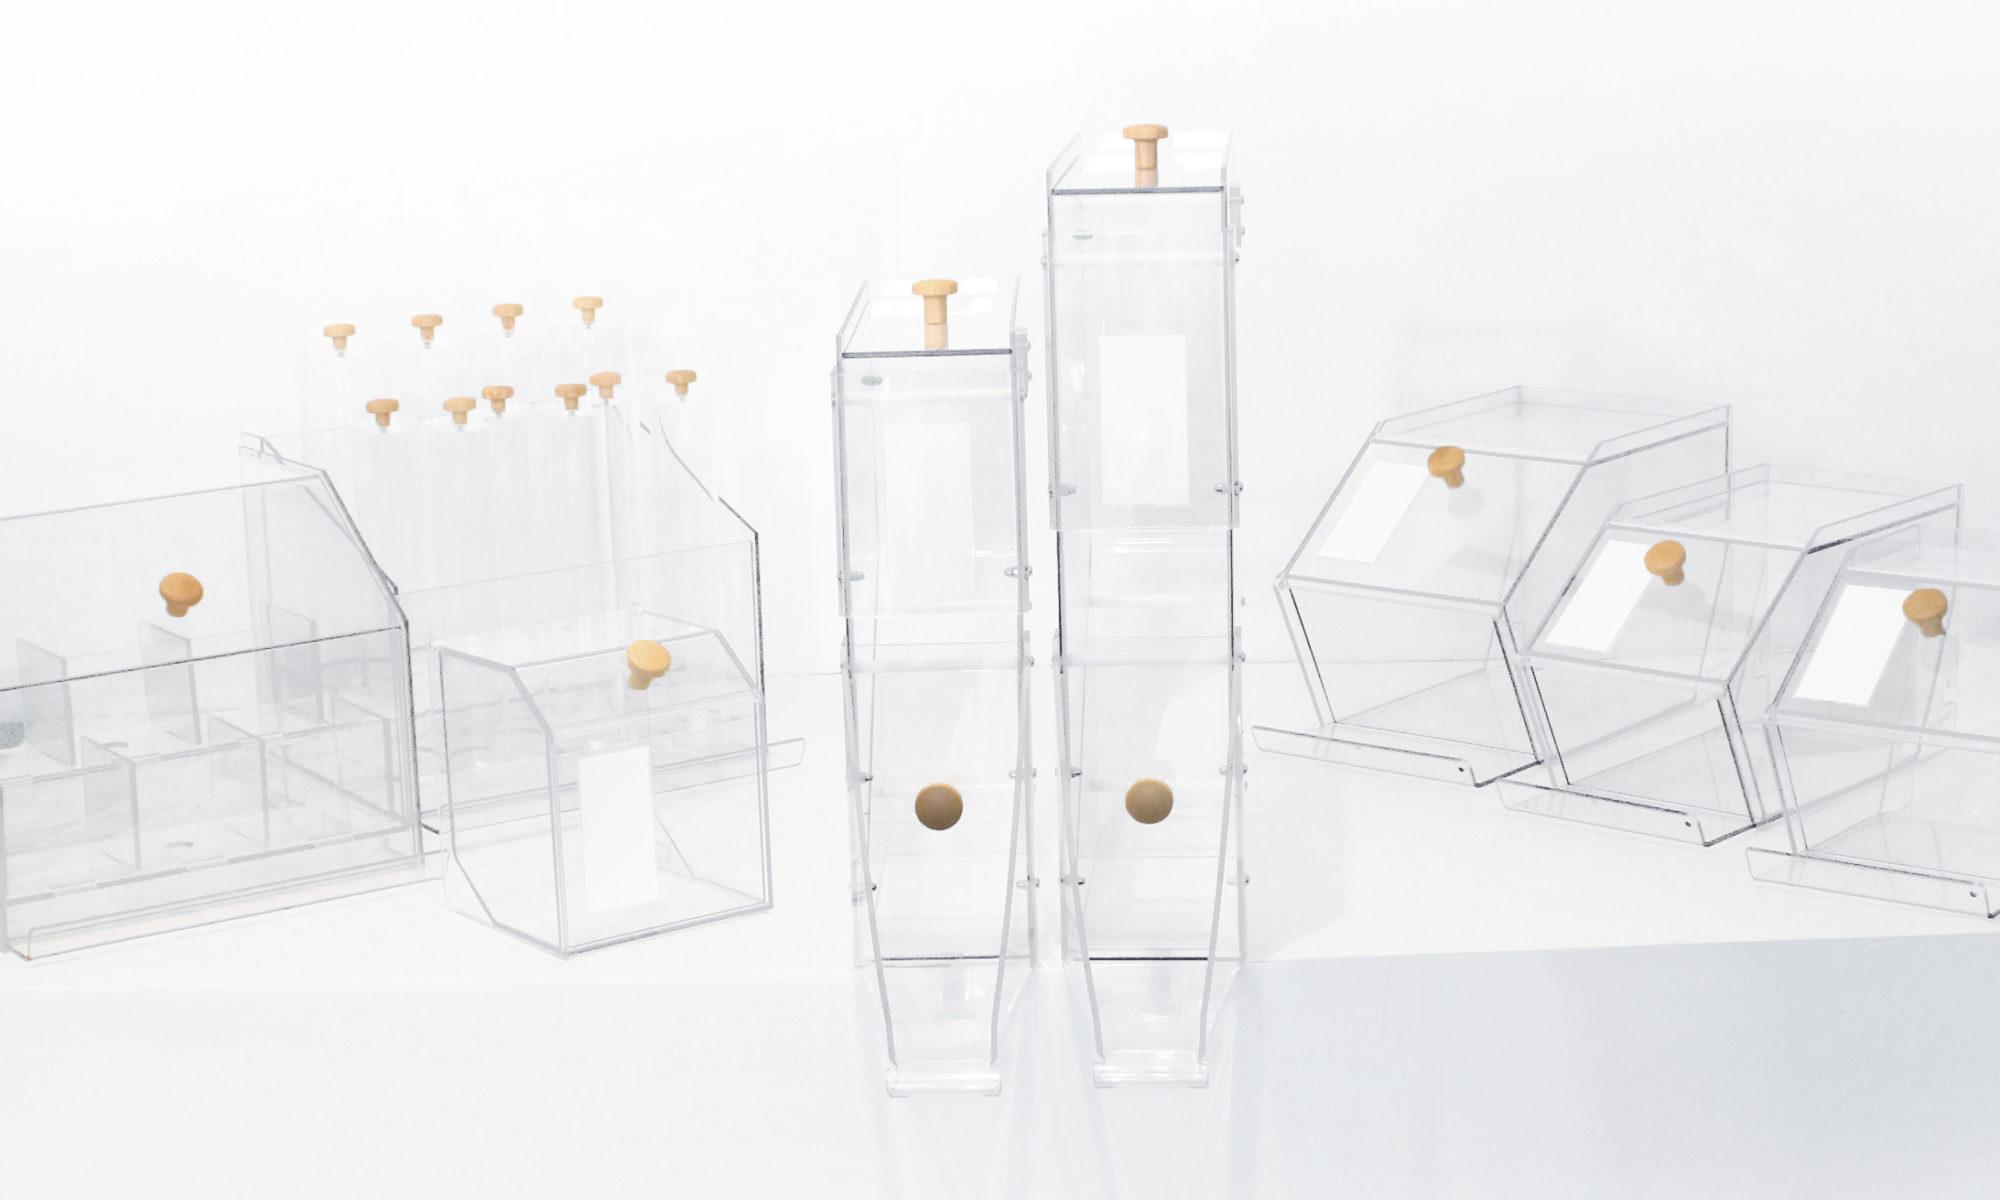 gamme bacs silo applyvrac esthétique design produits aliment bio écologique commerce